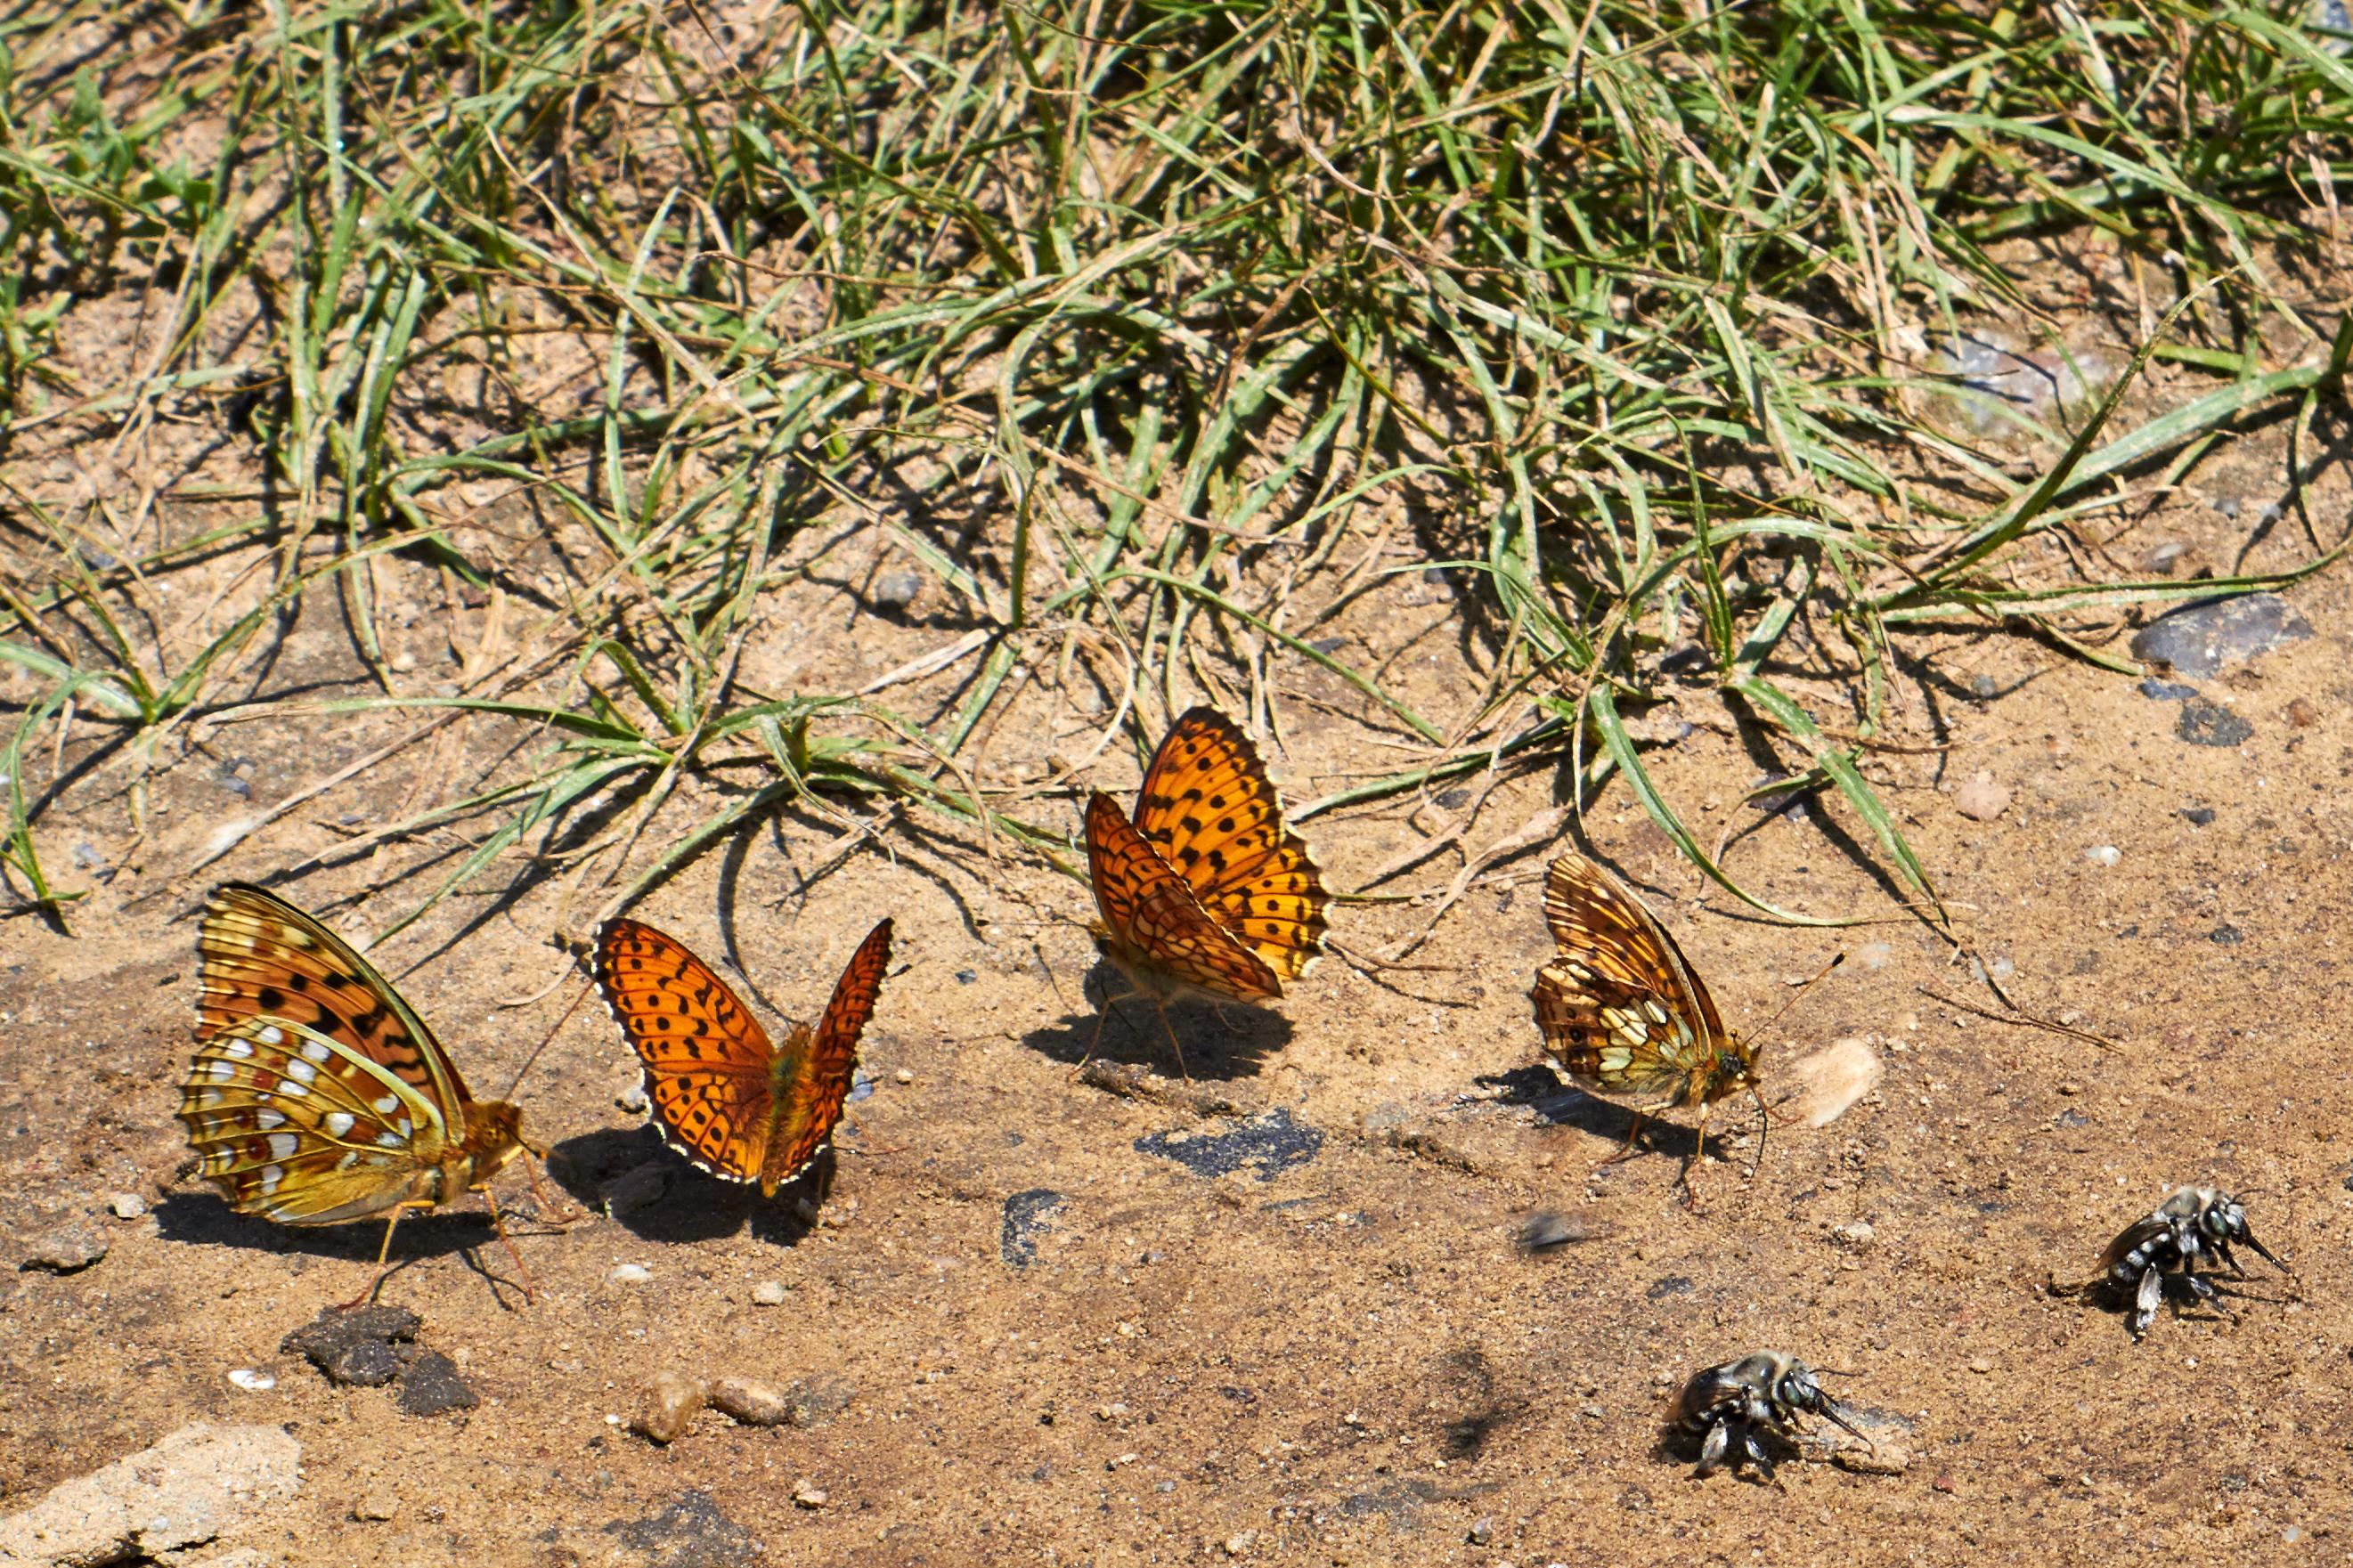 Бабочка червонец фиолетовый (опережая вопросы - самки оранжевые)